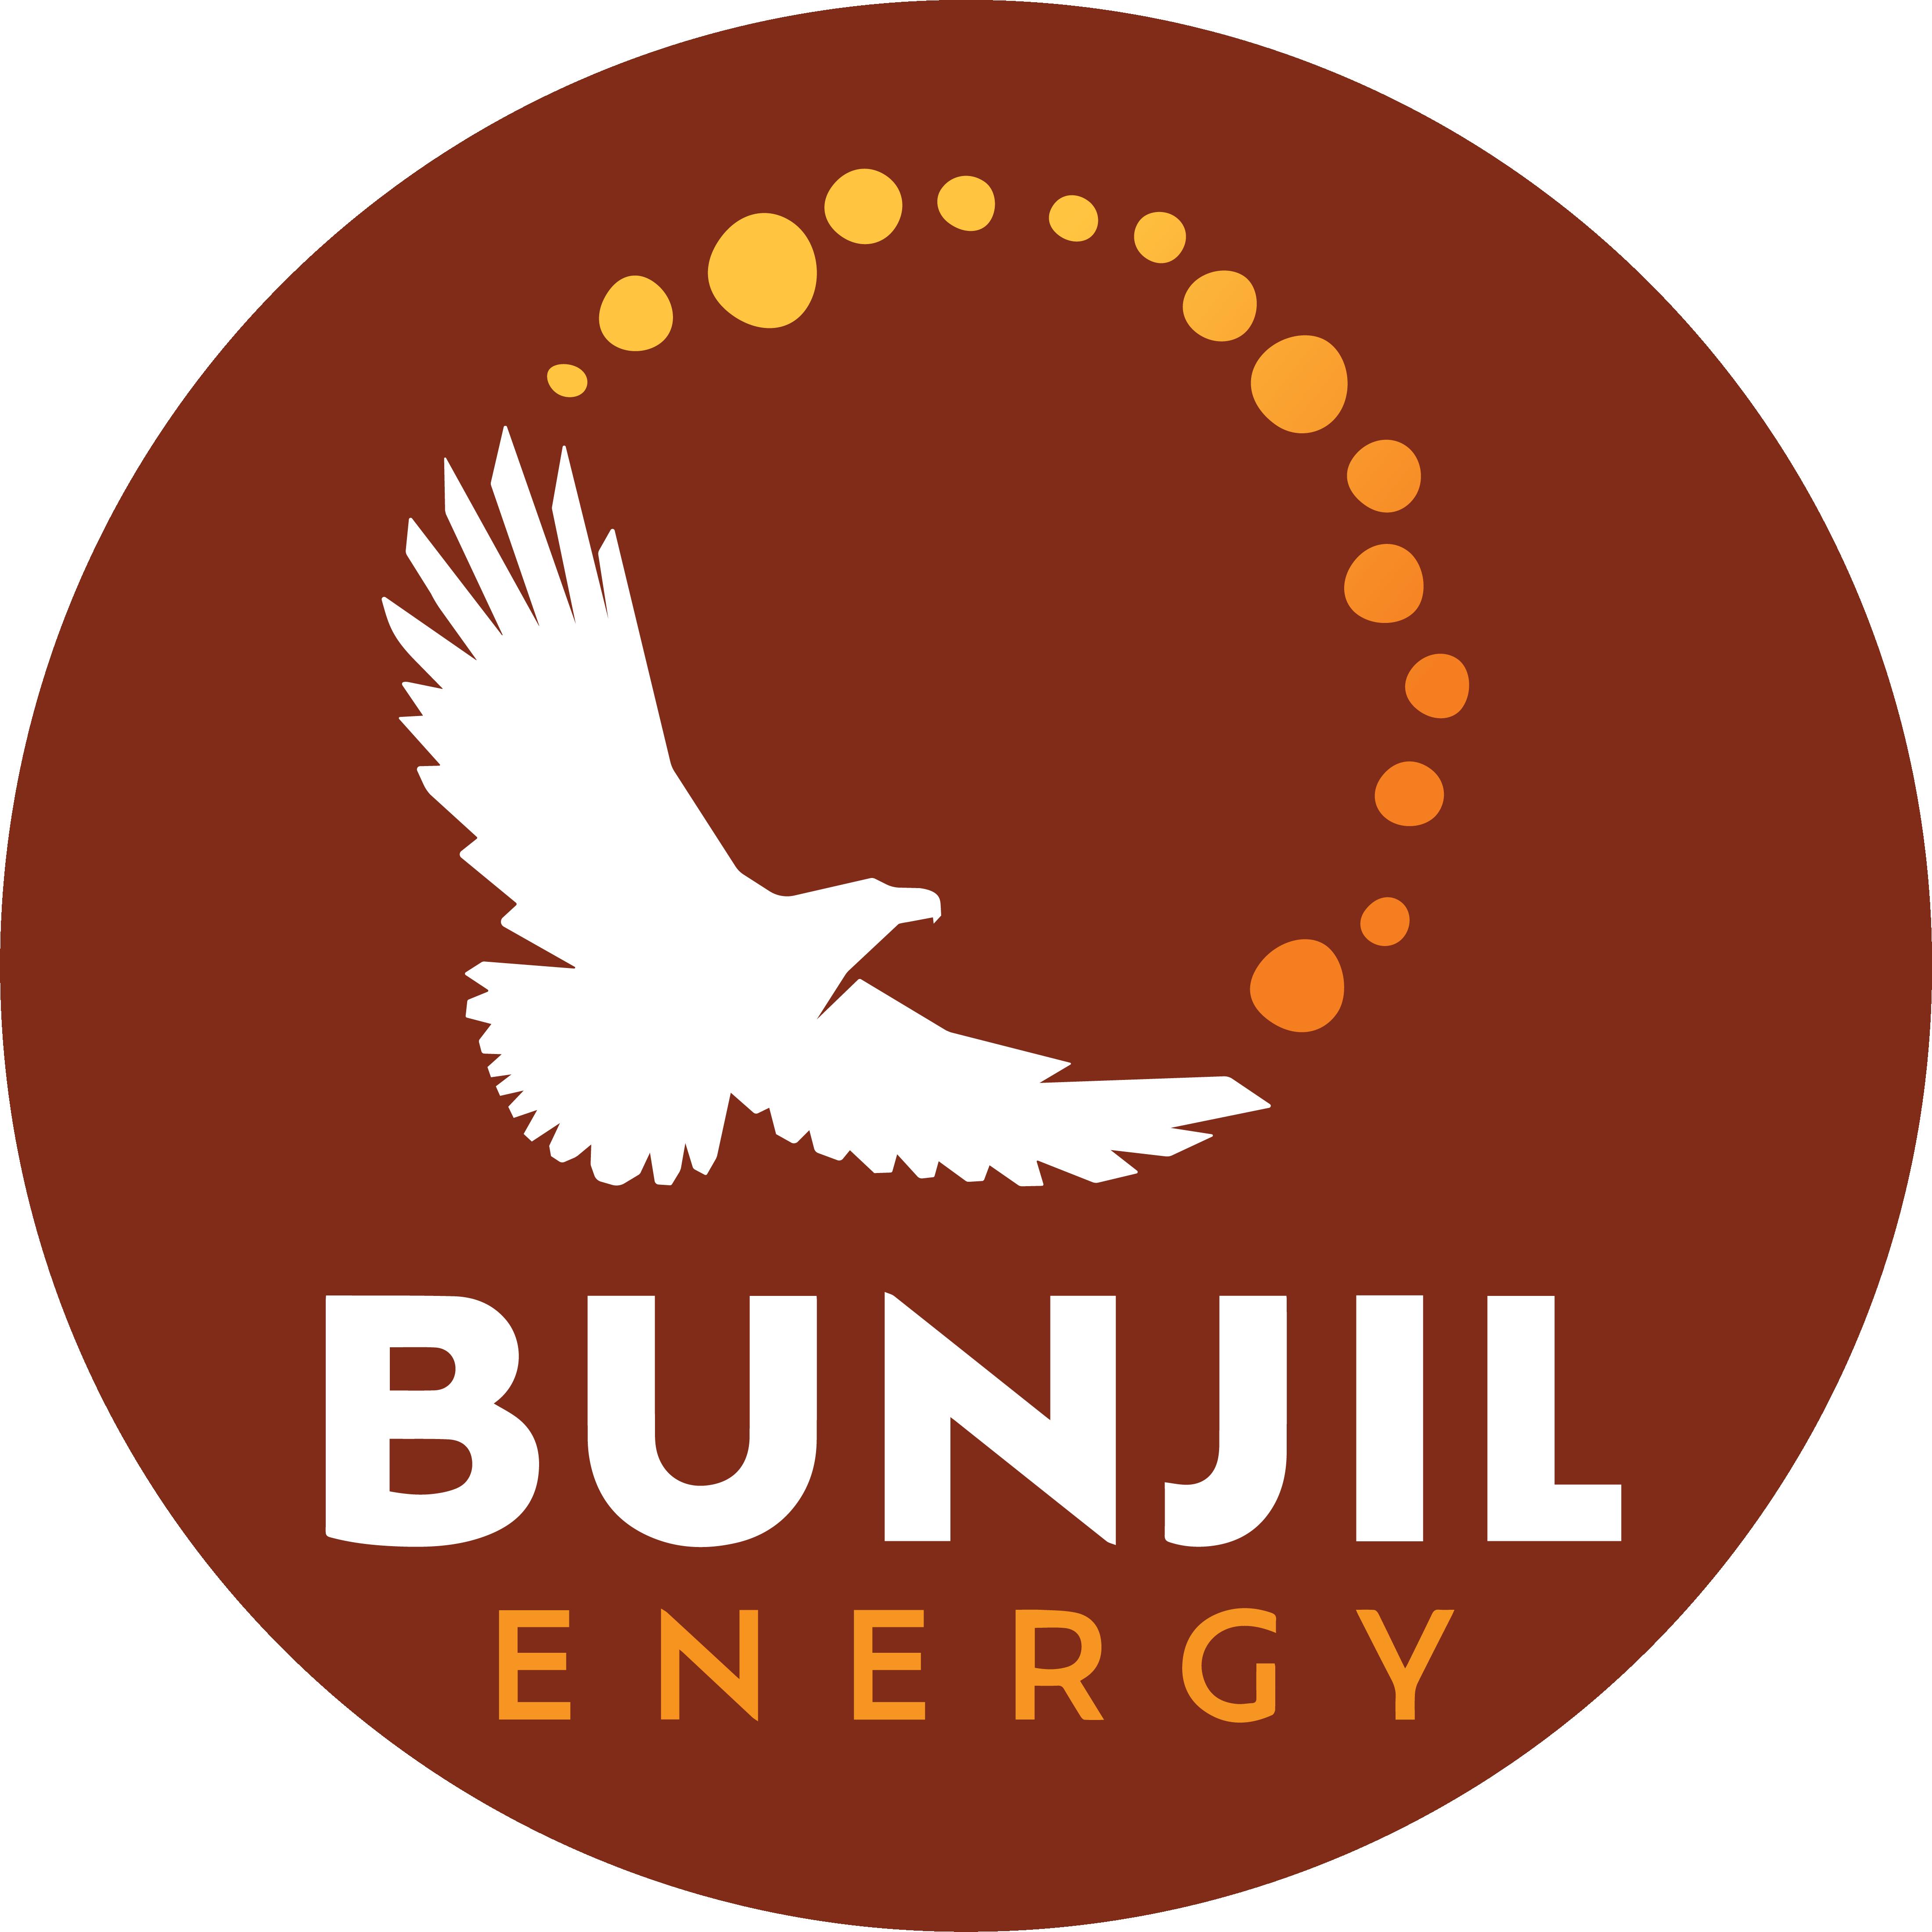 Bunjil Logo